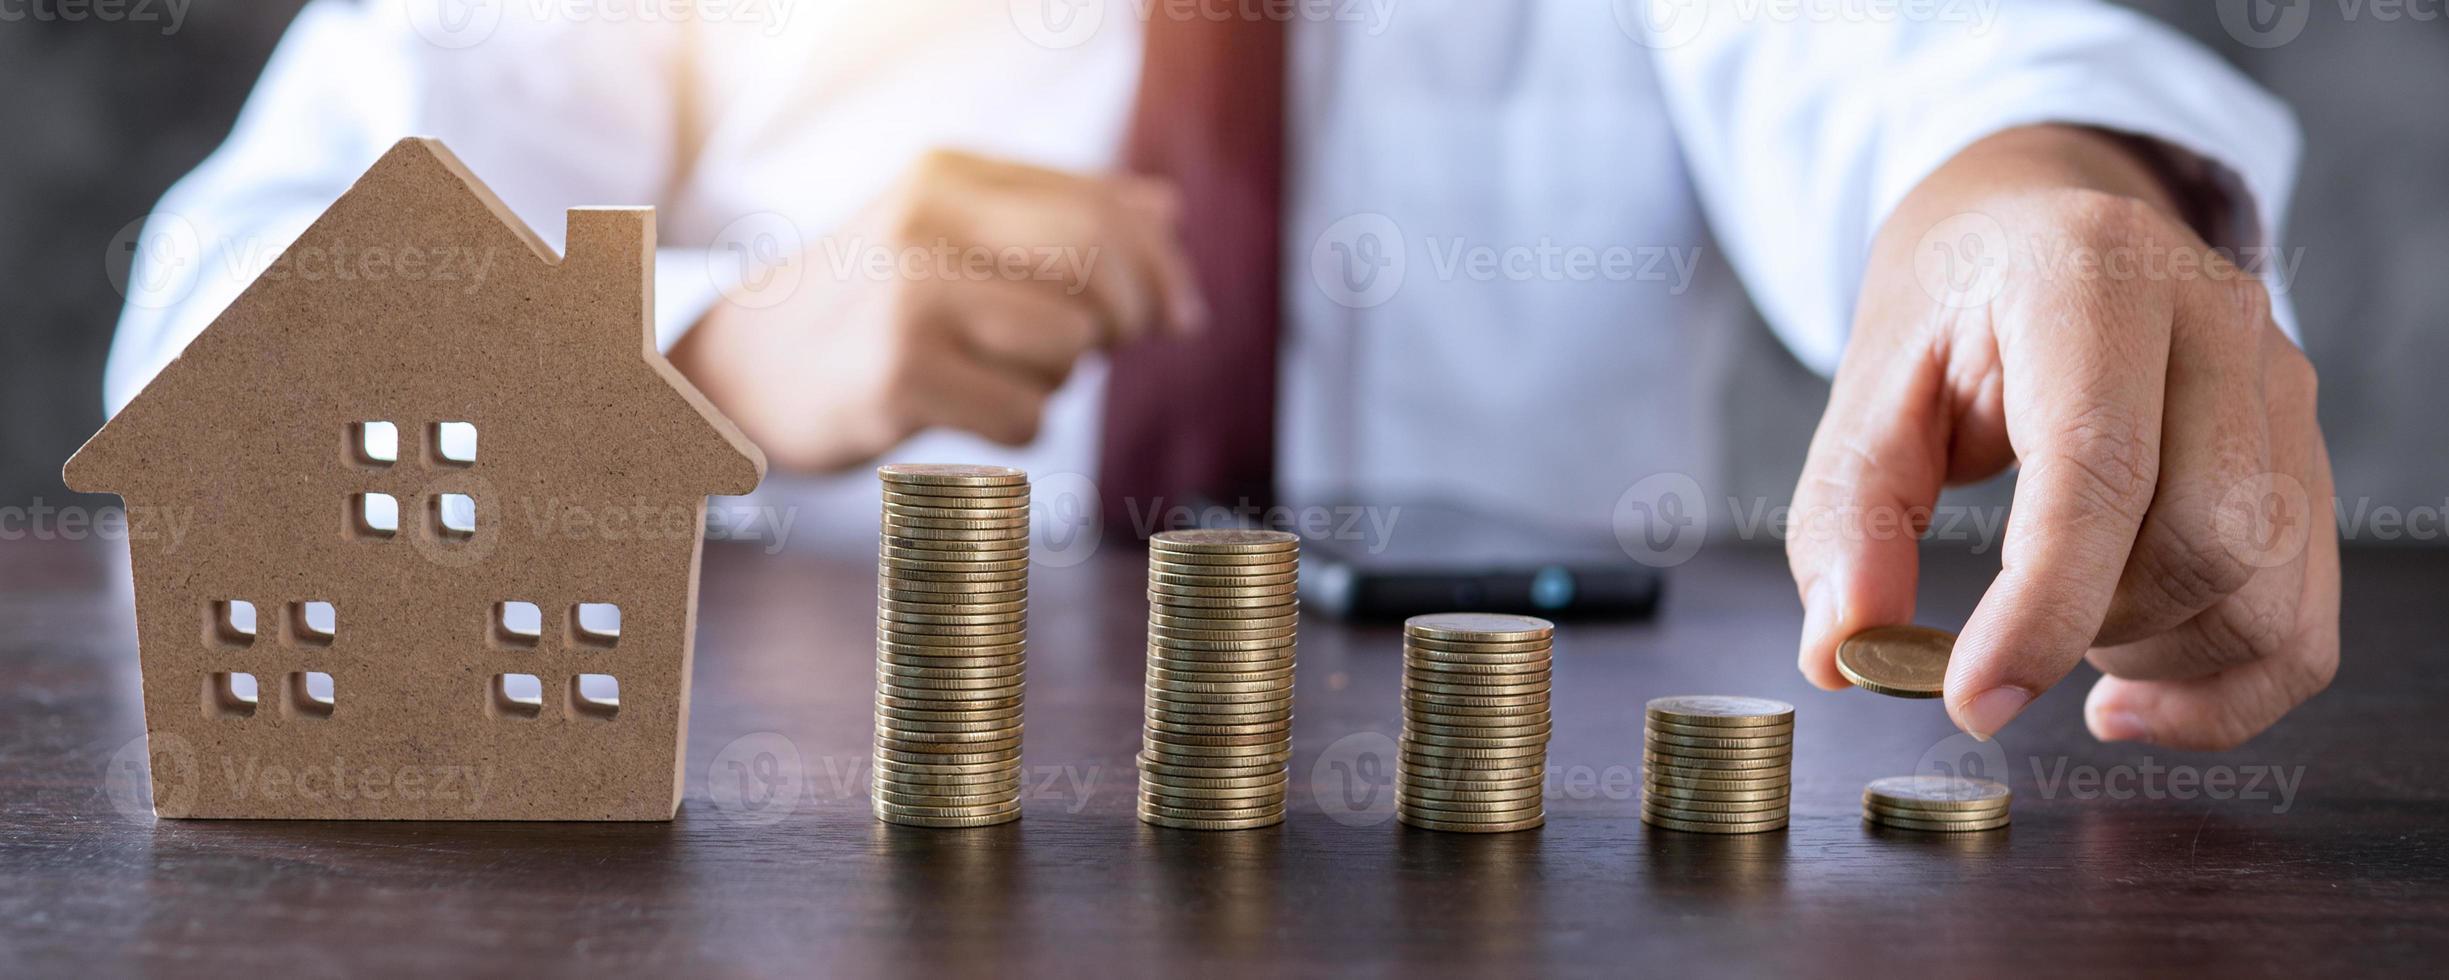 gestapelte Münzen mit Holzhaus foto